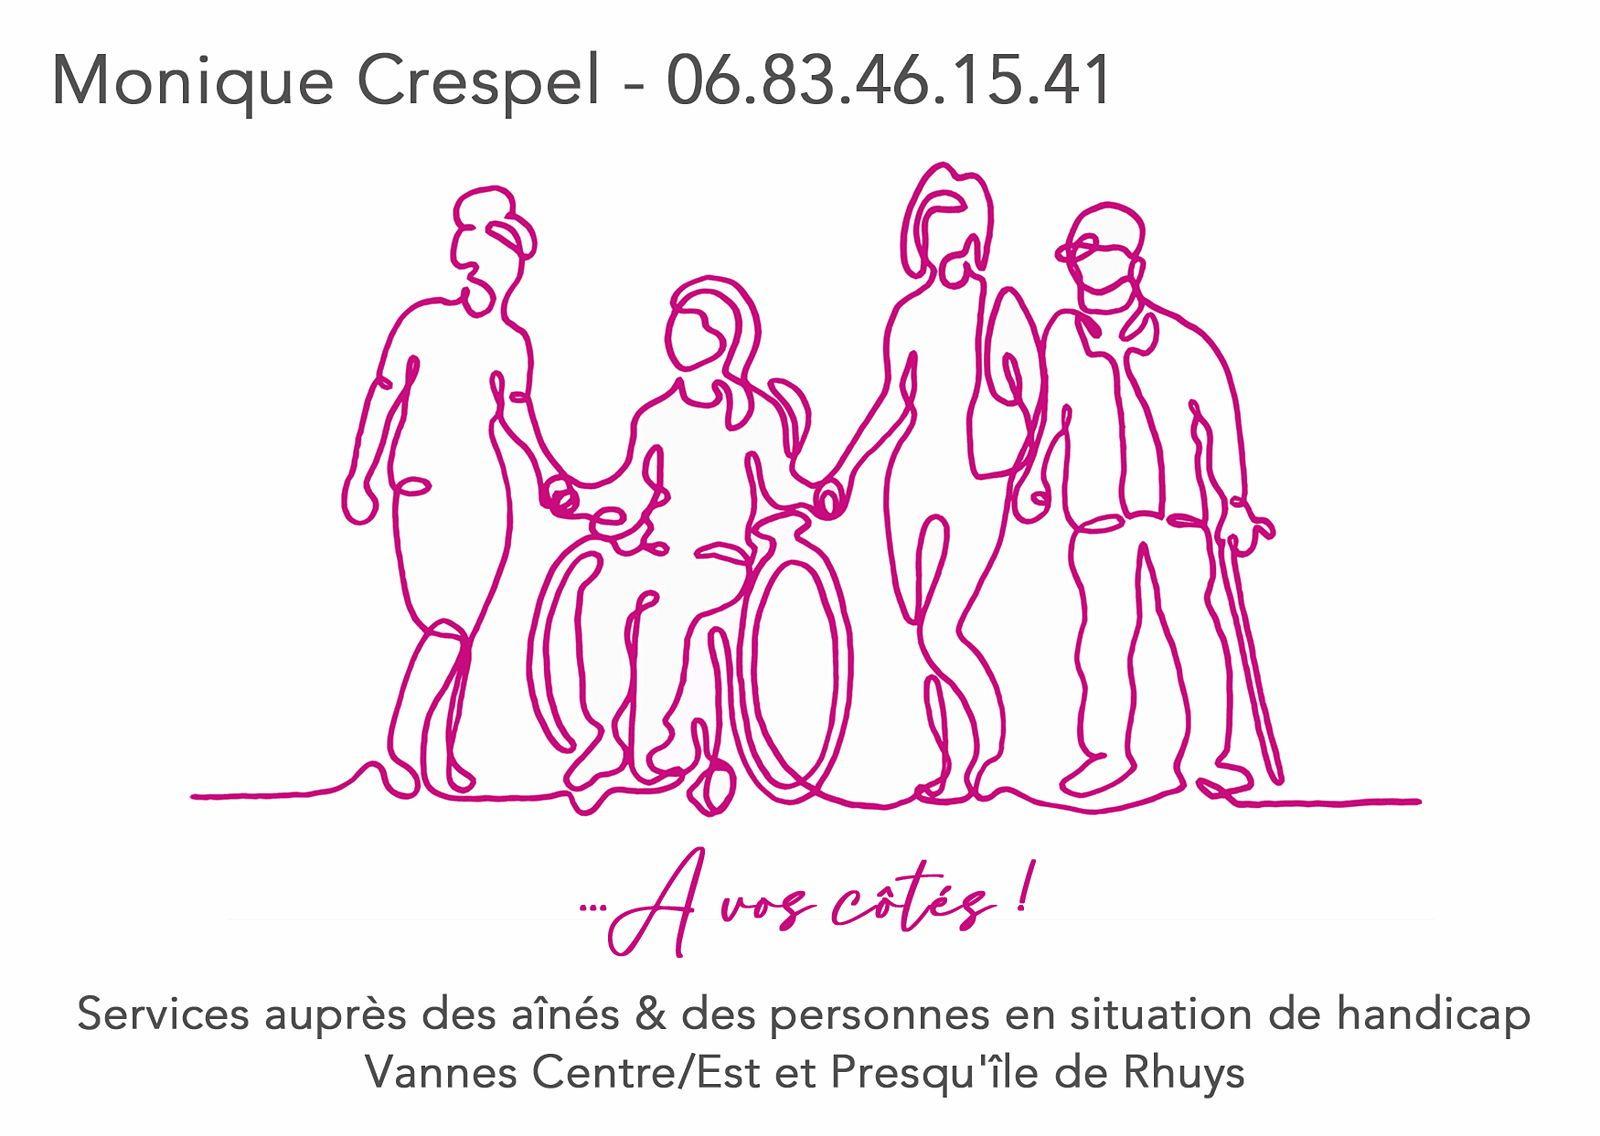 Propose services dame de compagnie - Vannes / Presqu'île de Rhuys (56)